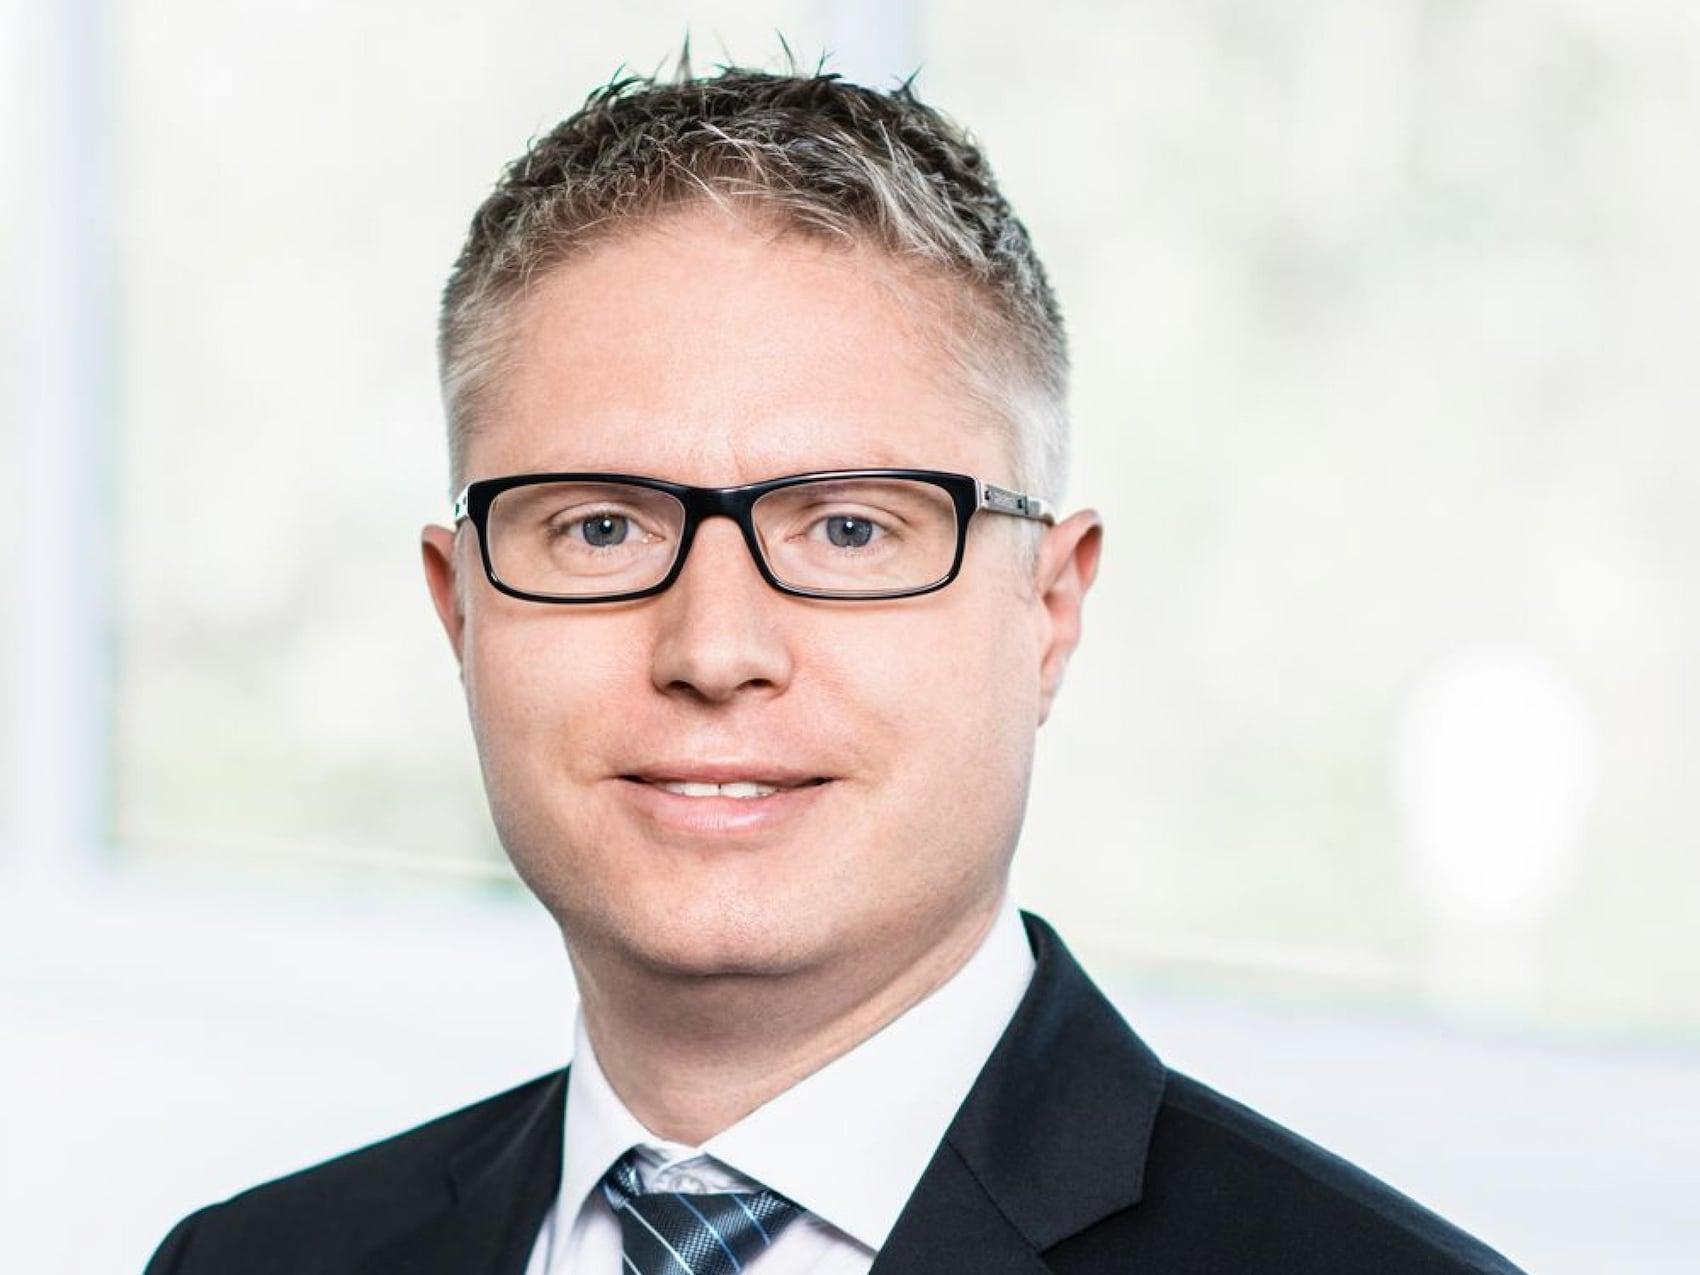 Martin Tischendorf